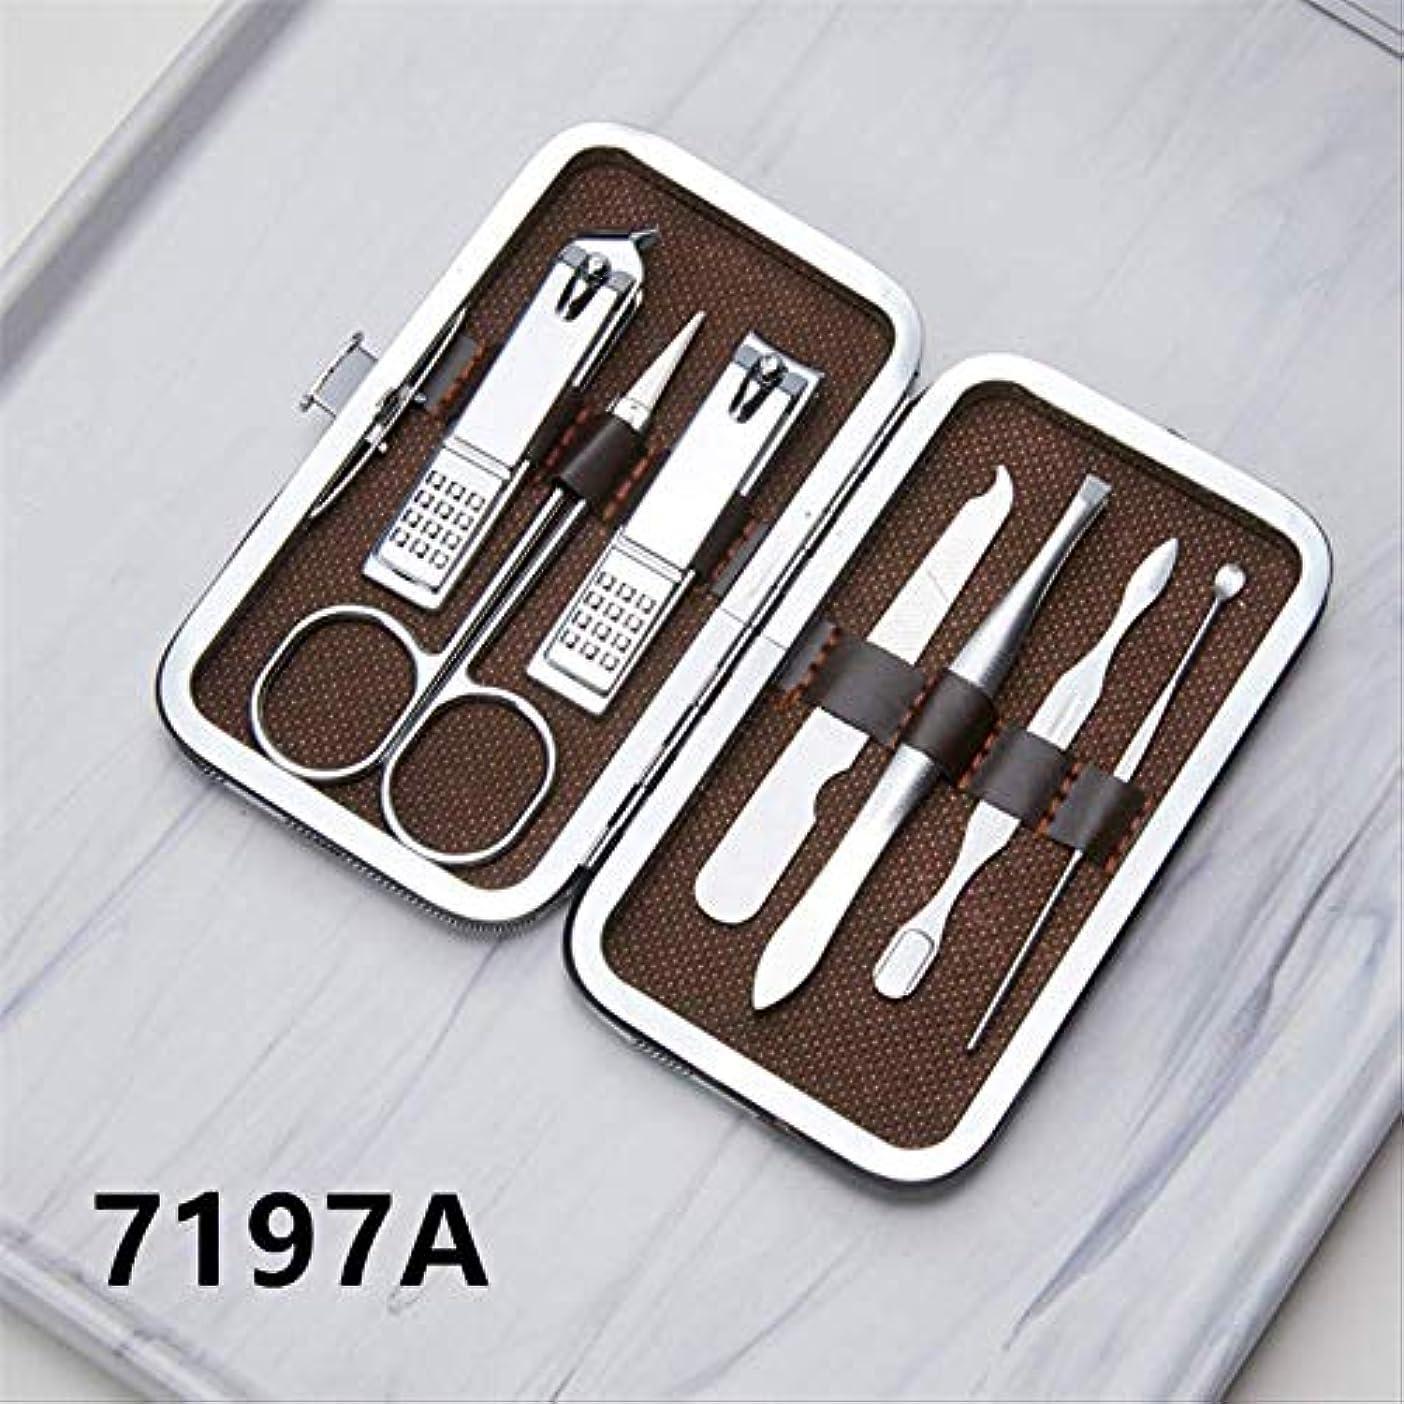 柔らかい足生産性自己爪切りセット16ピースペディキュアナイフ美容プライヤー爪ツール 7197A